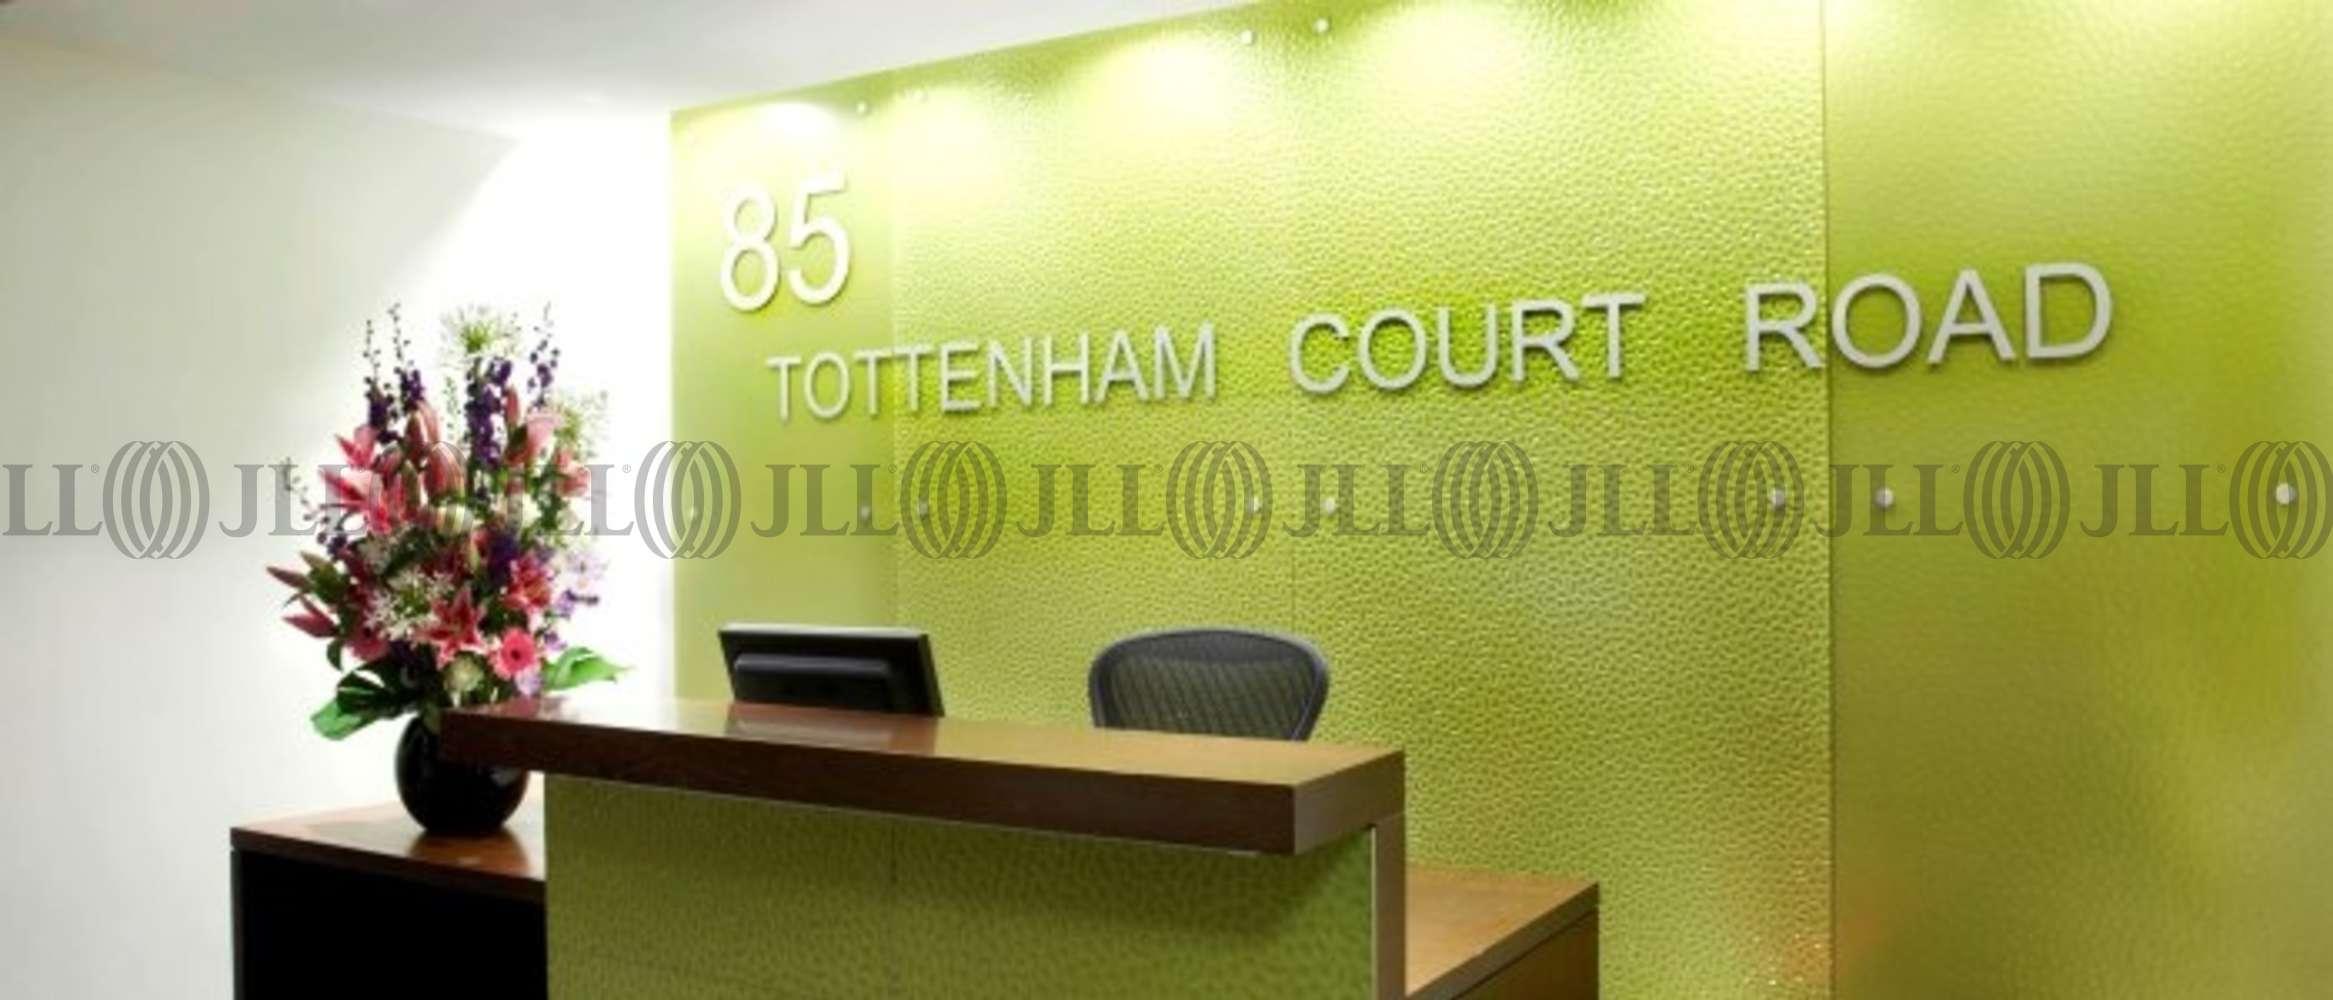 Serviced office London, W1T 4TQ - 85 Tottenham Court Road